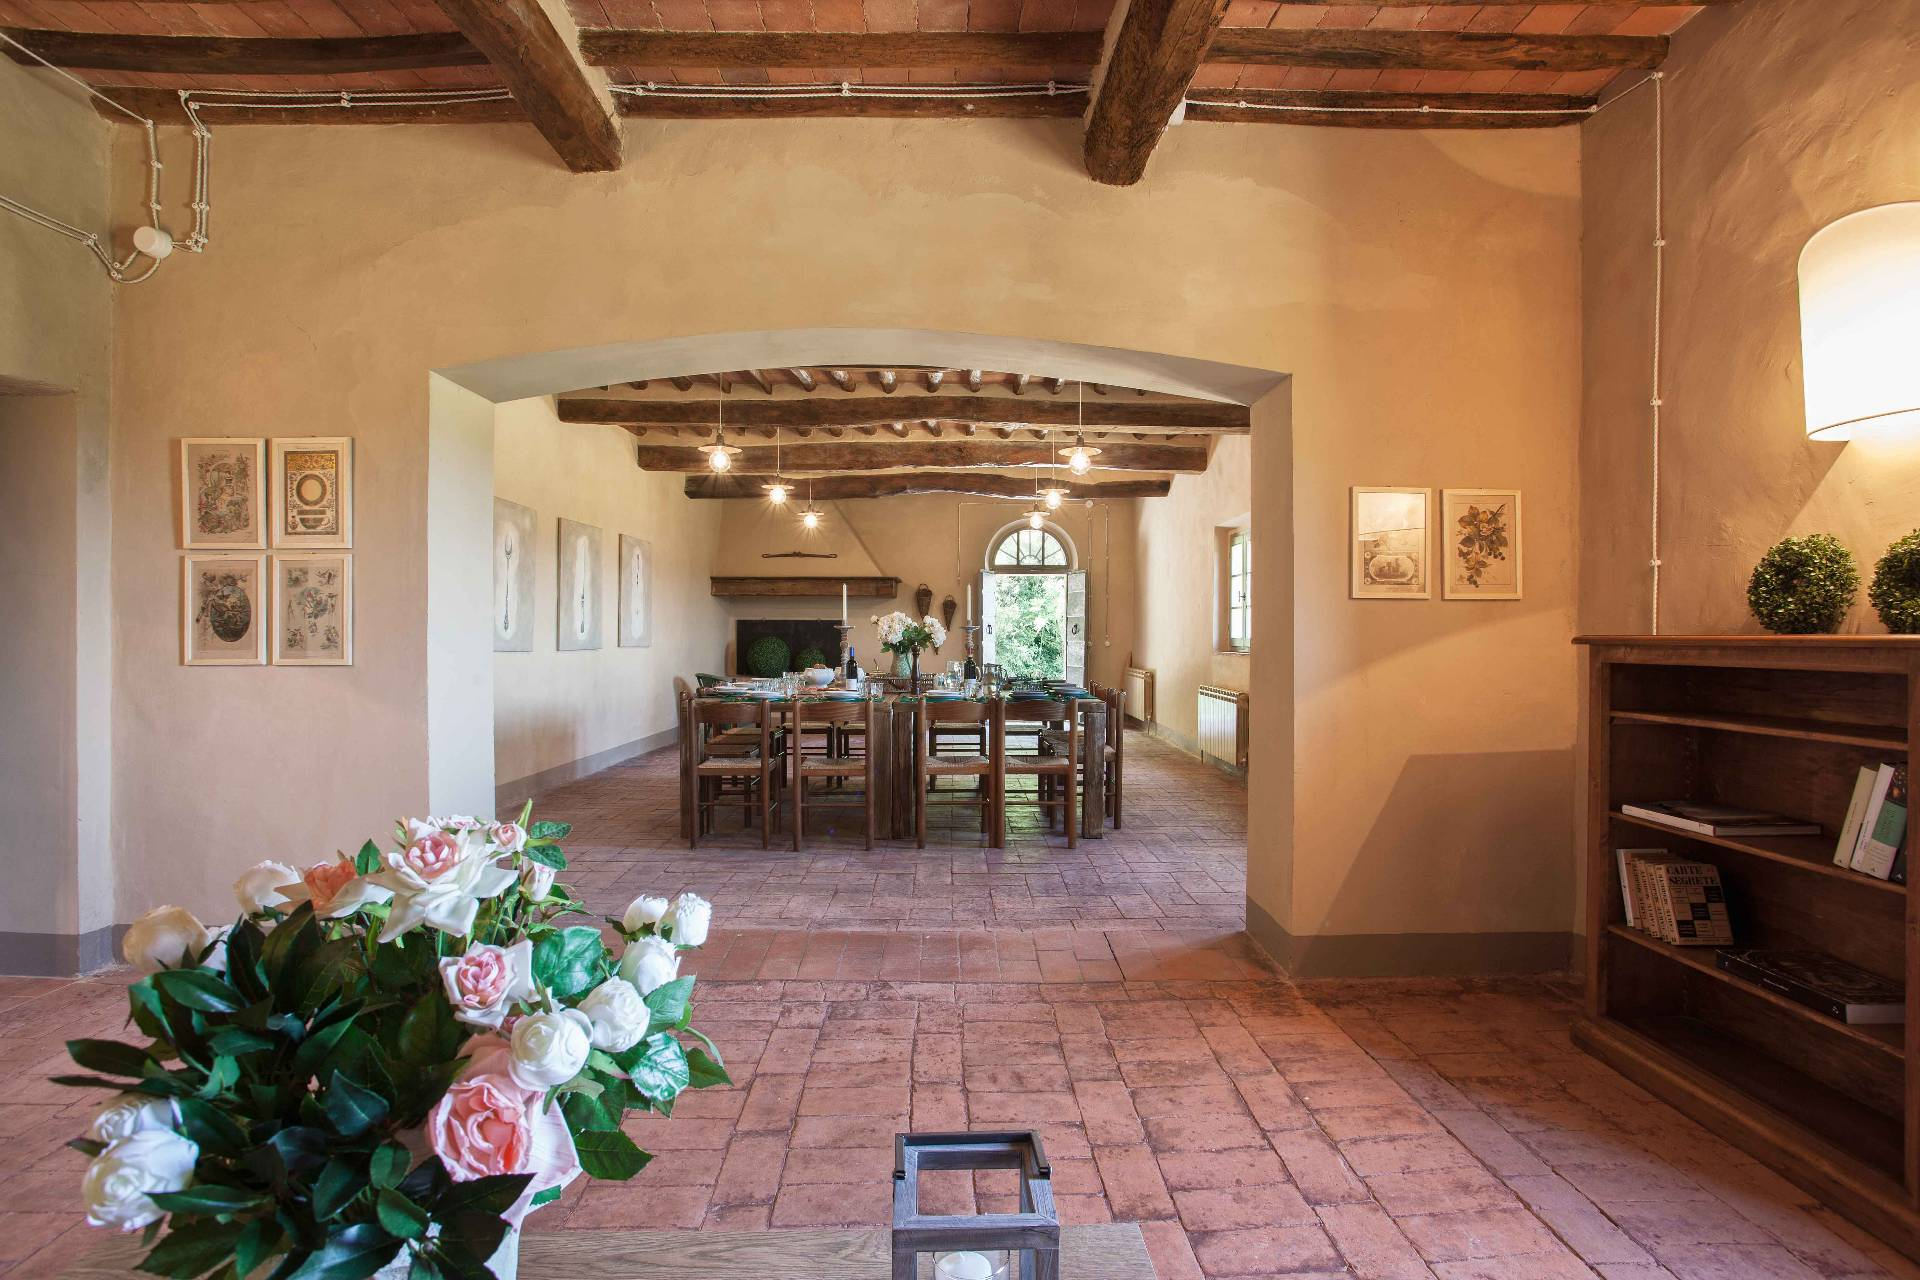 Rustico / Casale in vendita a Montaione, 15 locali, zona Zona: Castelfalfi, prezzo € 2.700.000 | CambioCasa.it